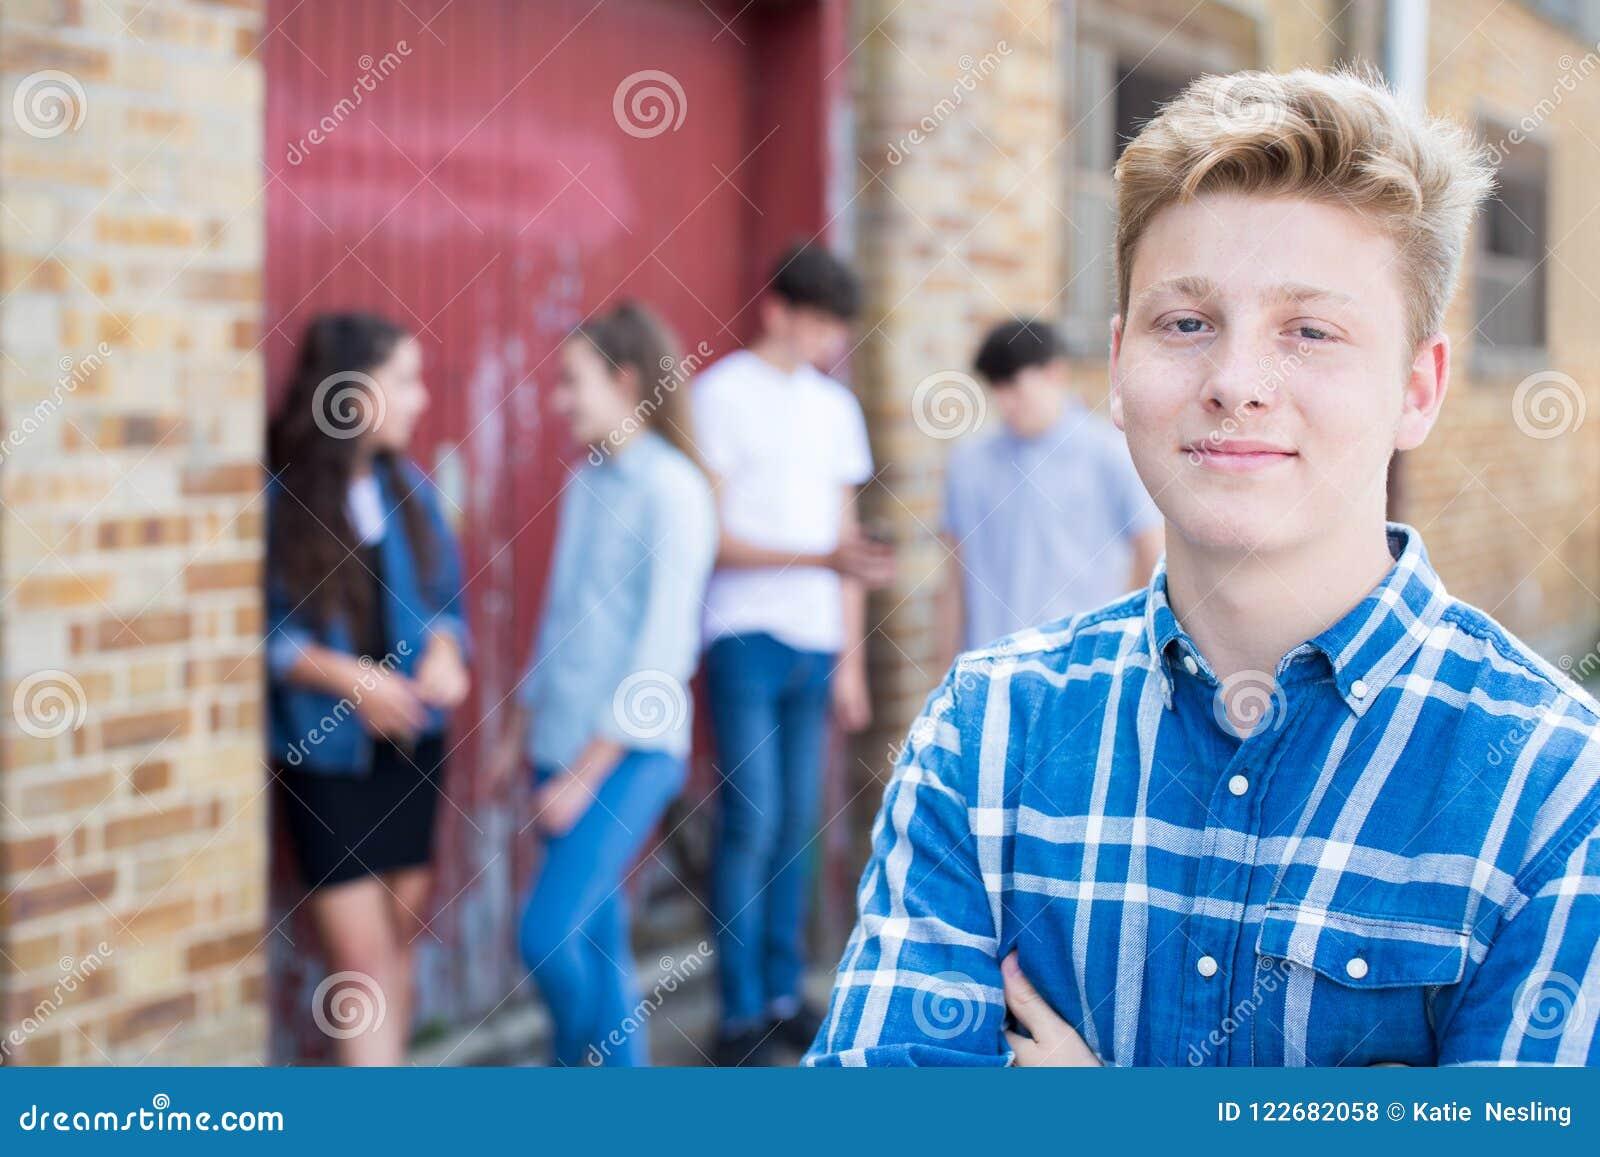 Grupp av tonåringar som ut hänger i stads- miljö